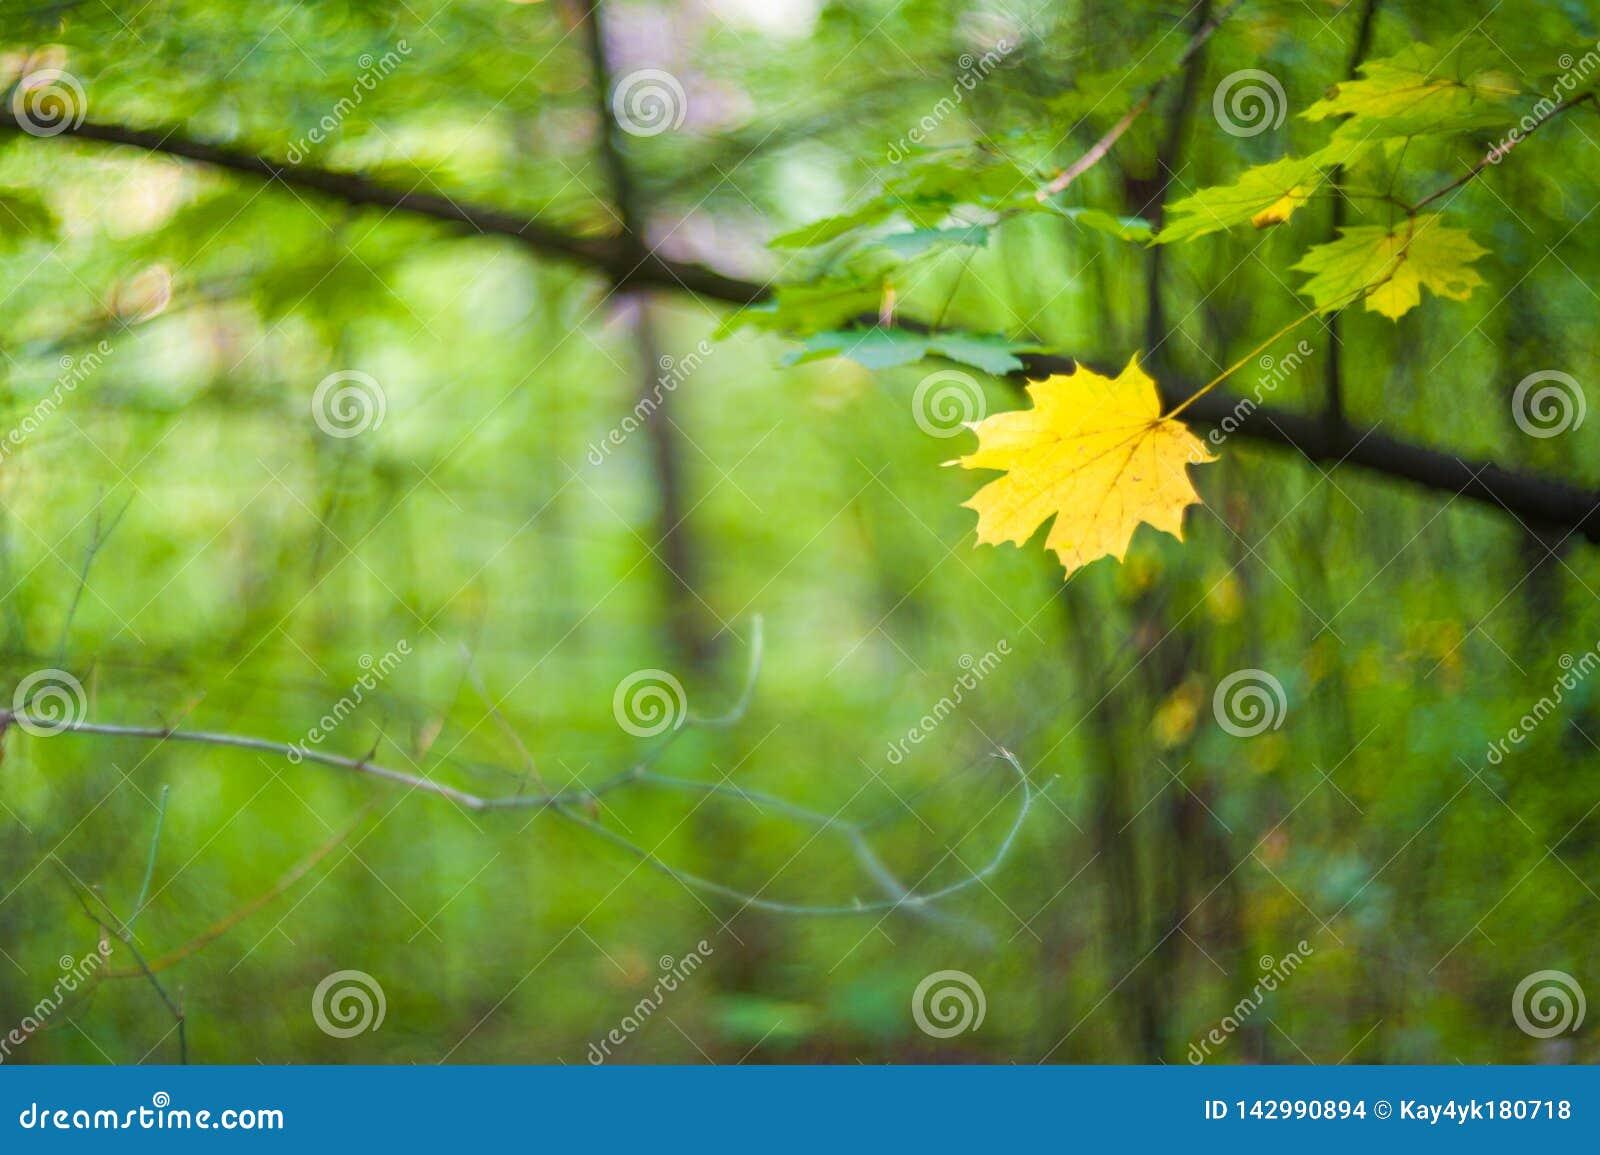 Geel esdoornblad op een groene achtergrond, enig blad